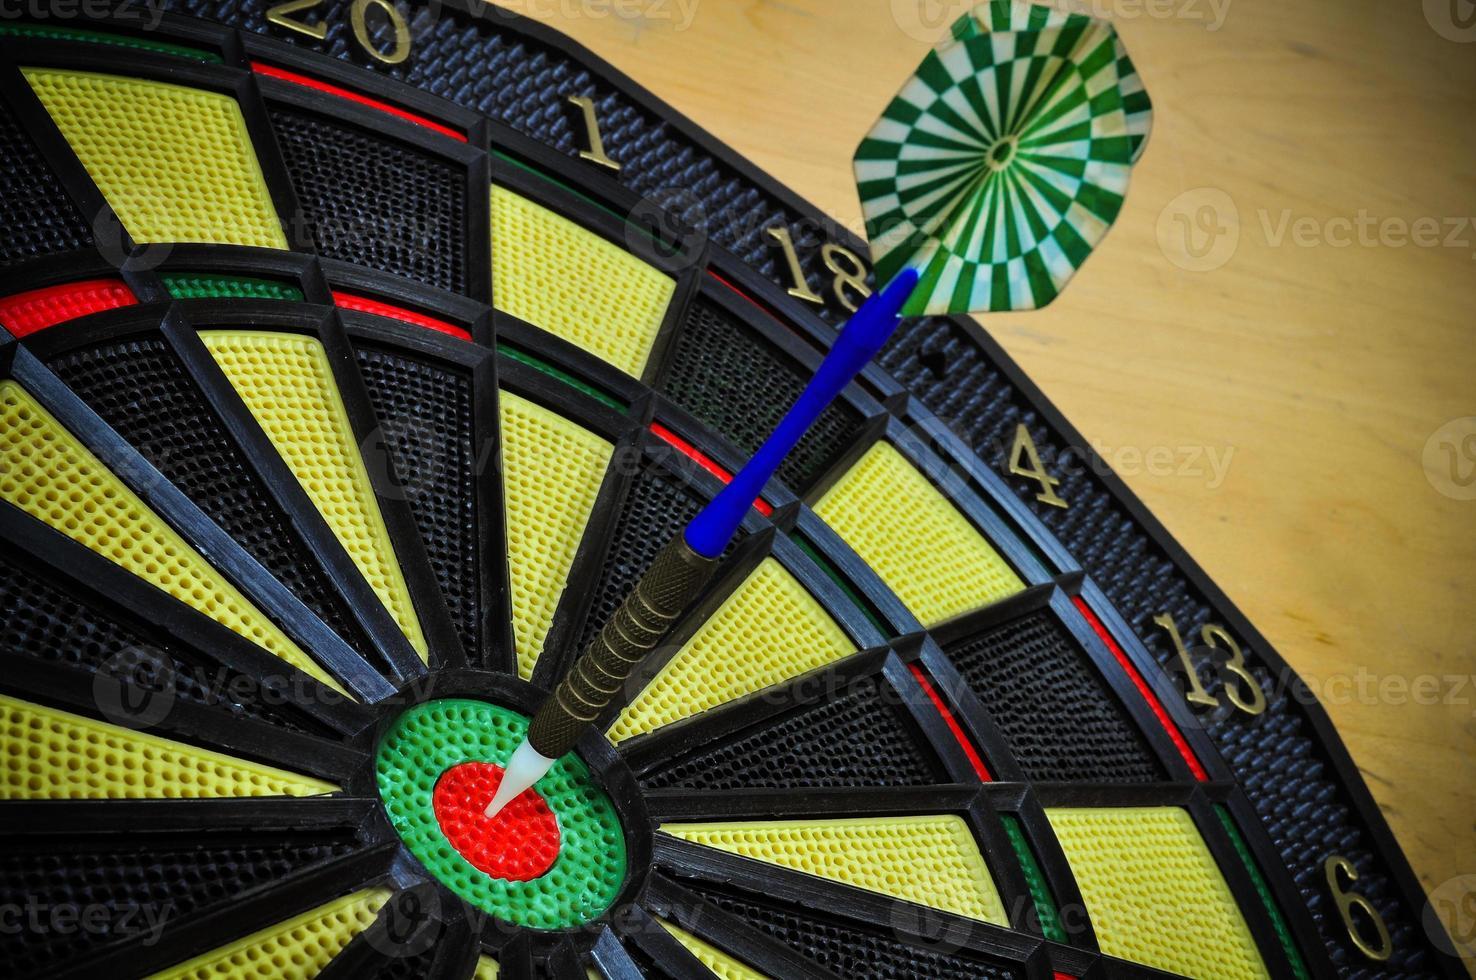 darten pijlen in het doelcentrum, darten spel foto